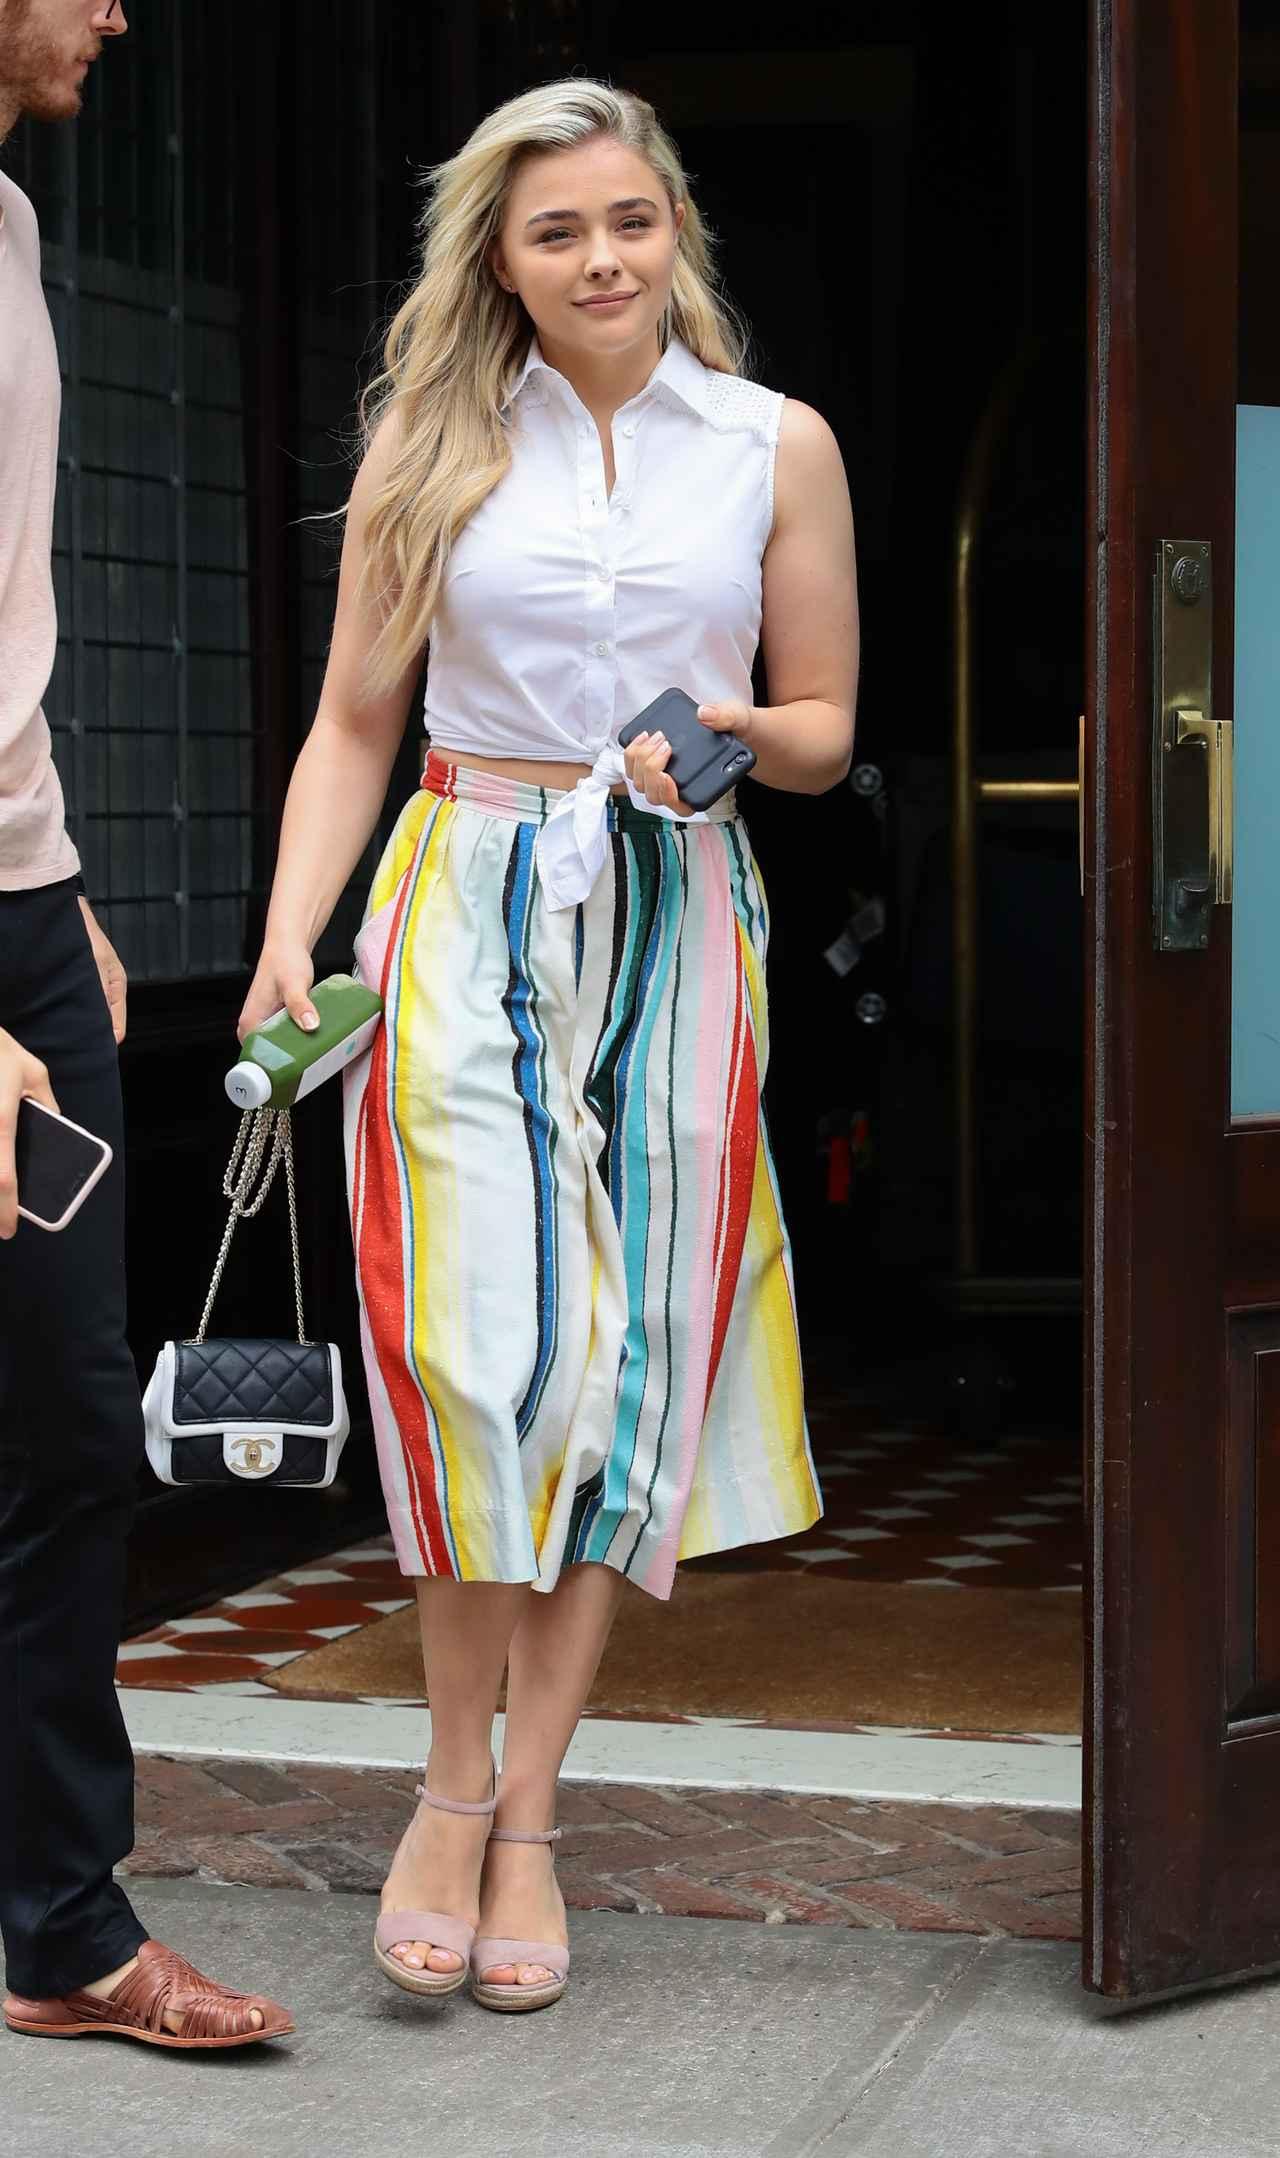 画像1: 【セレブの私服】クロエ・モレッツの白シャツ+ストライプスカートのPOPなサマーコーデ